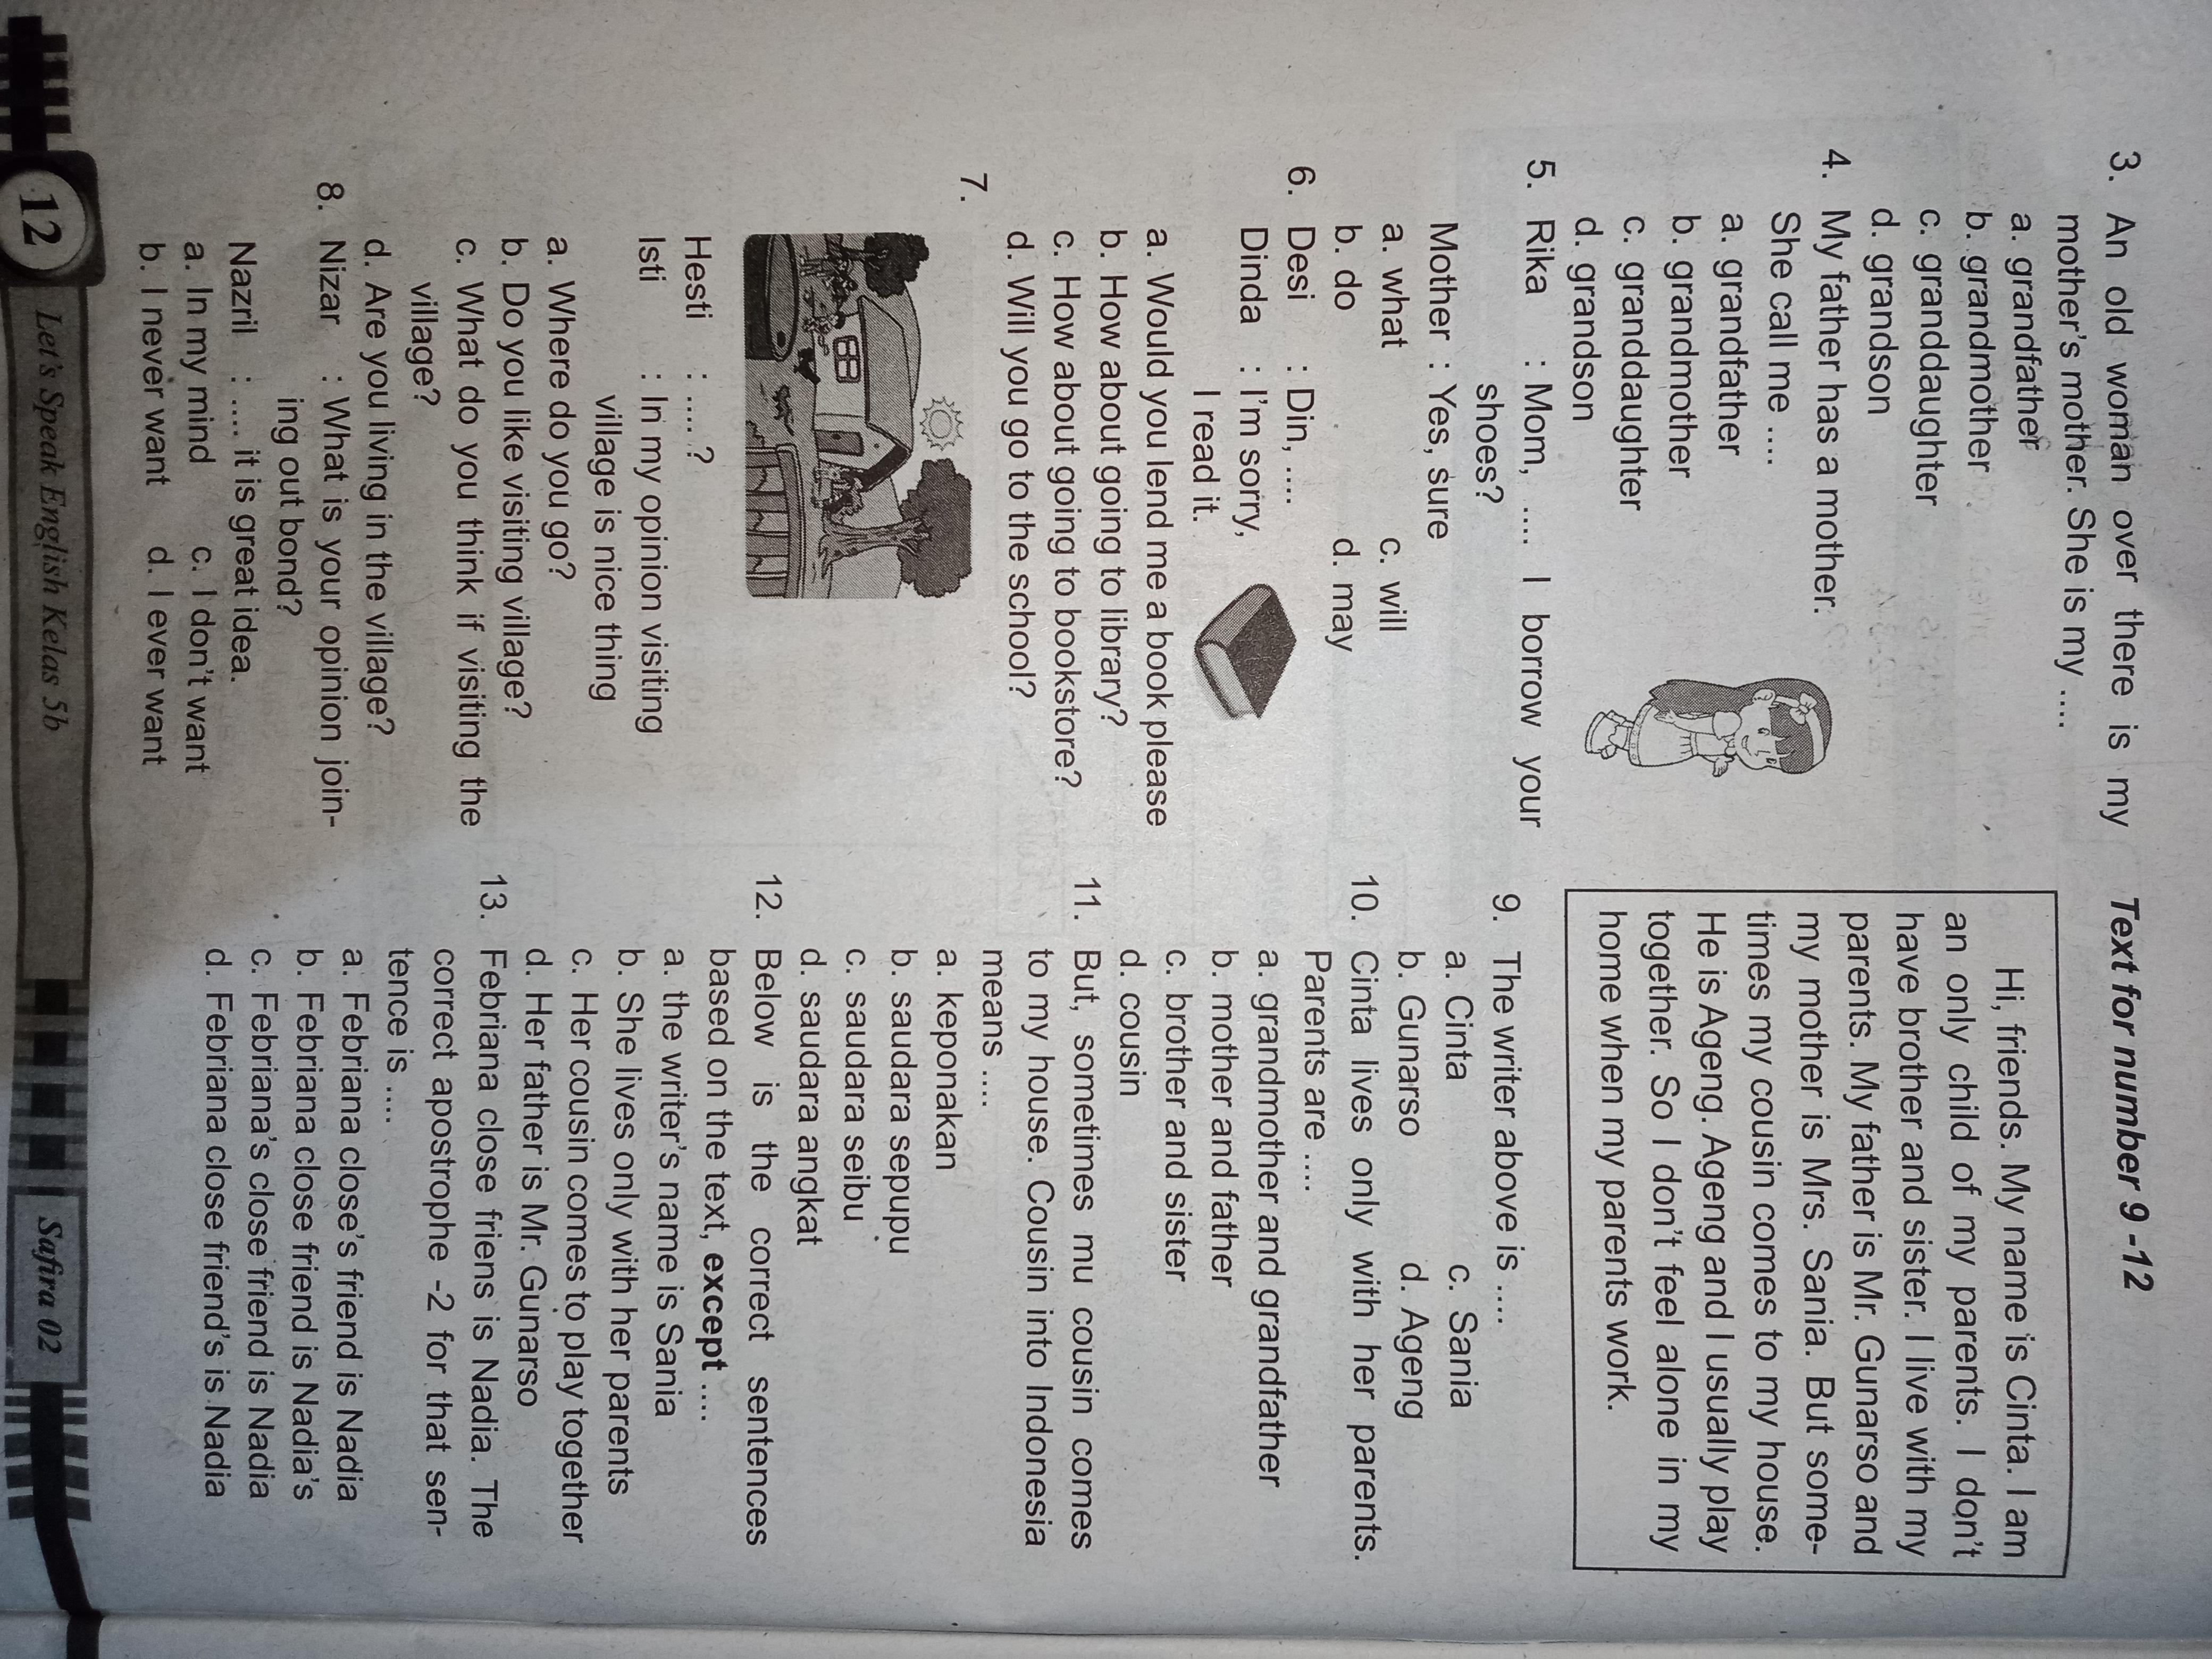 Kunci Jawaban Lks Bahasa Inggris Kelas 5 Semester Genap Halaman 11 13 Brainly Co Id